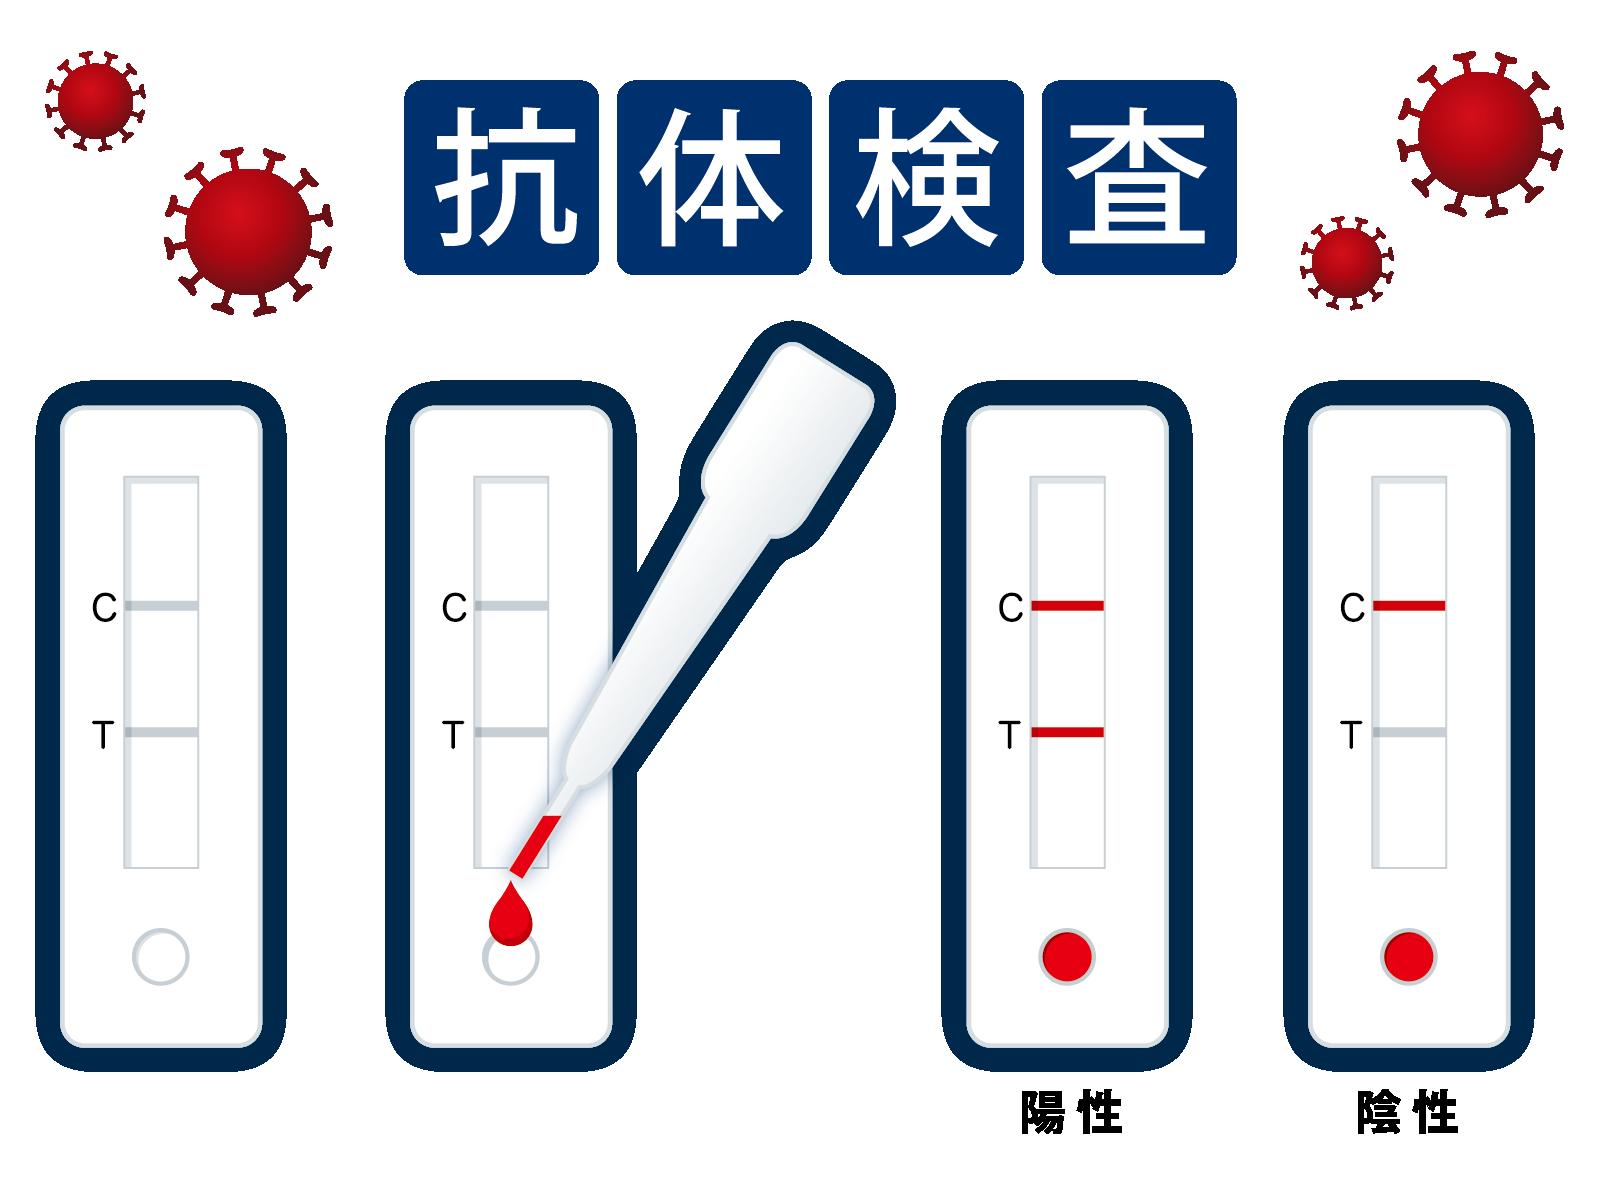 コロナ ウィルス 検査 新型